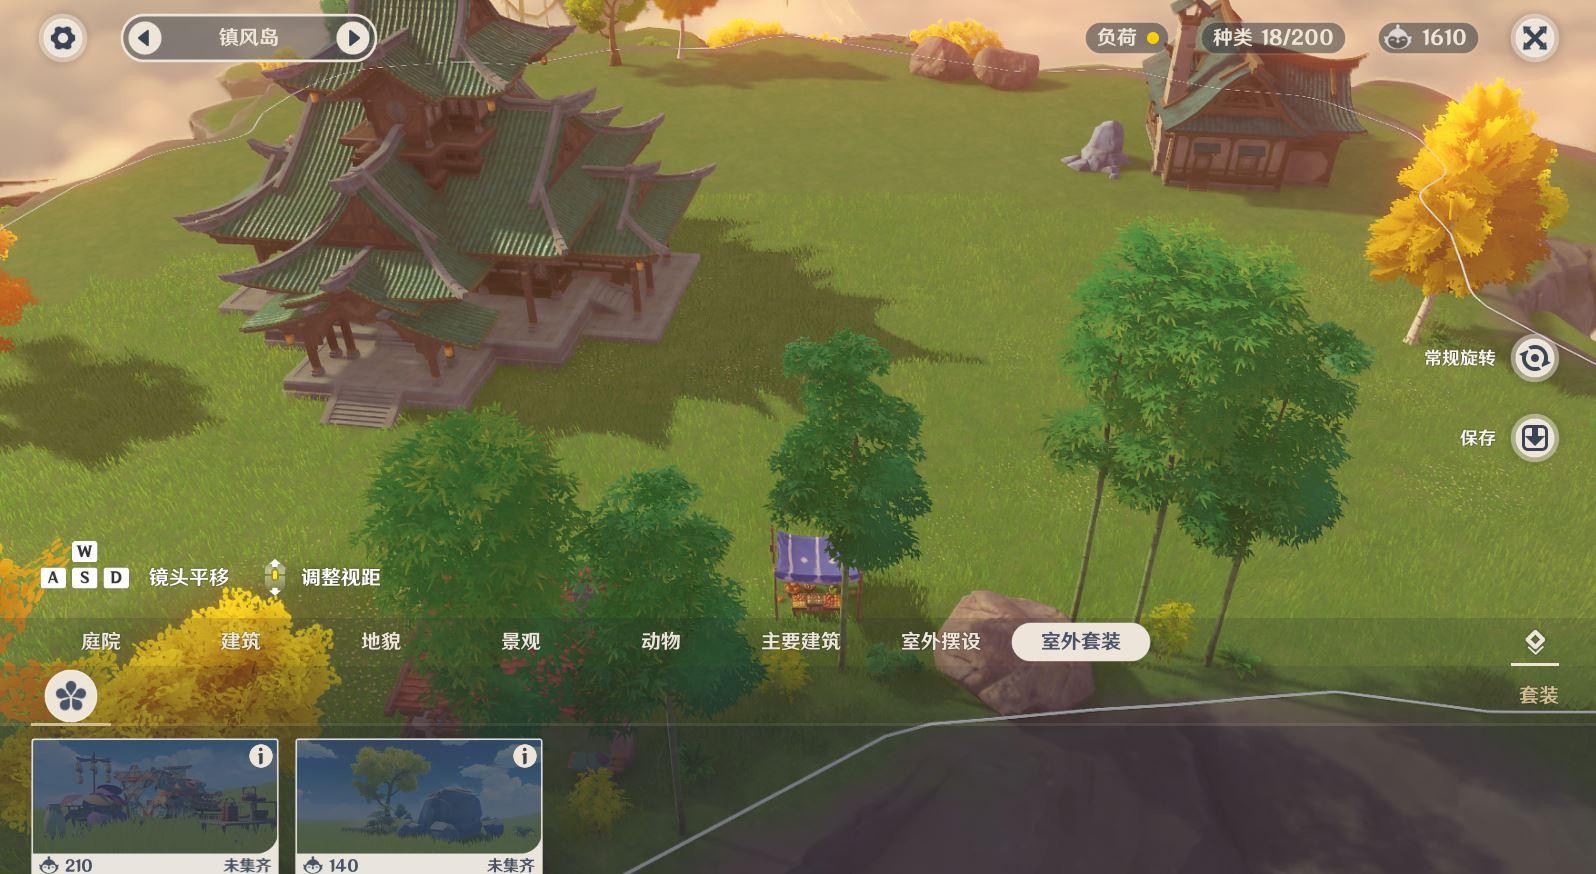 《原神》1.5版本评测:画龙点睛的既是若陀,也是游戏本身